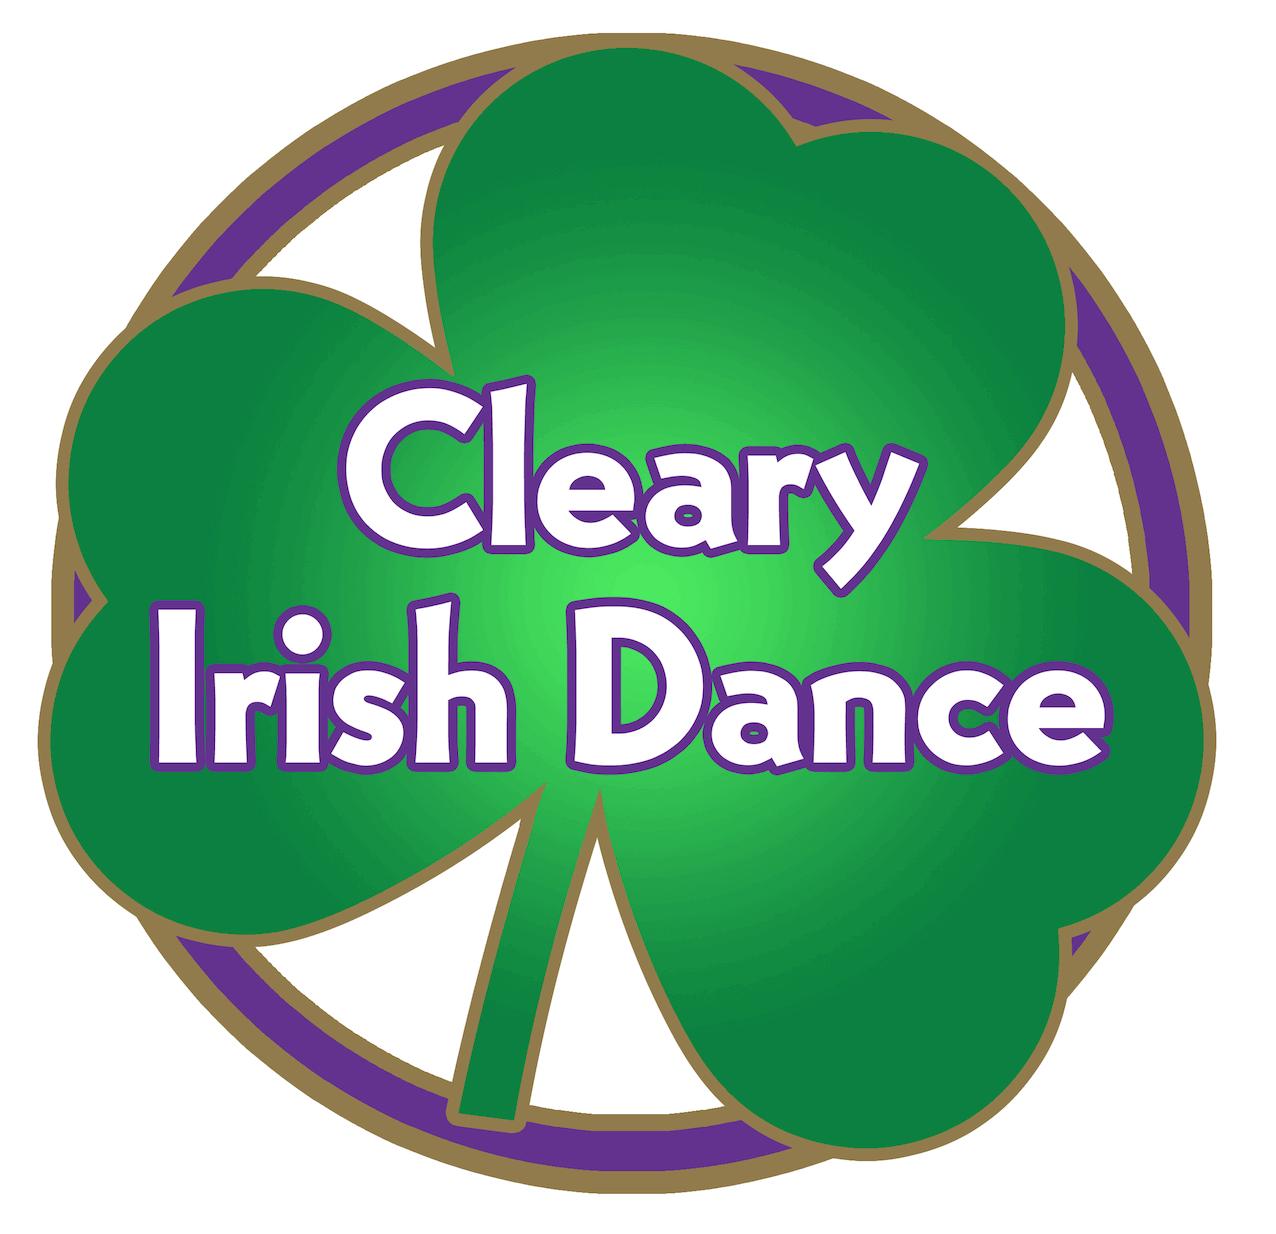 Free Irish Dance Lesson at Cleary Irish Dance Pasadena